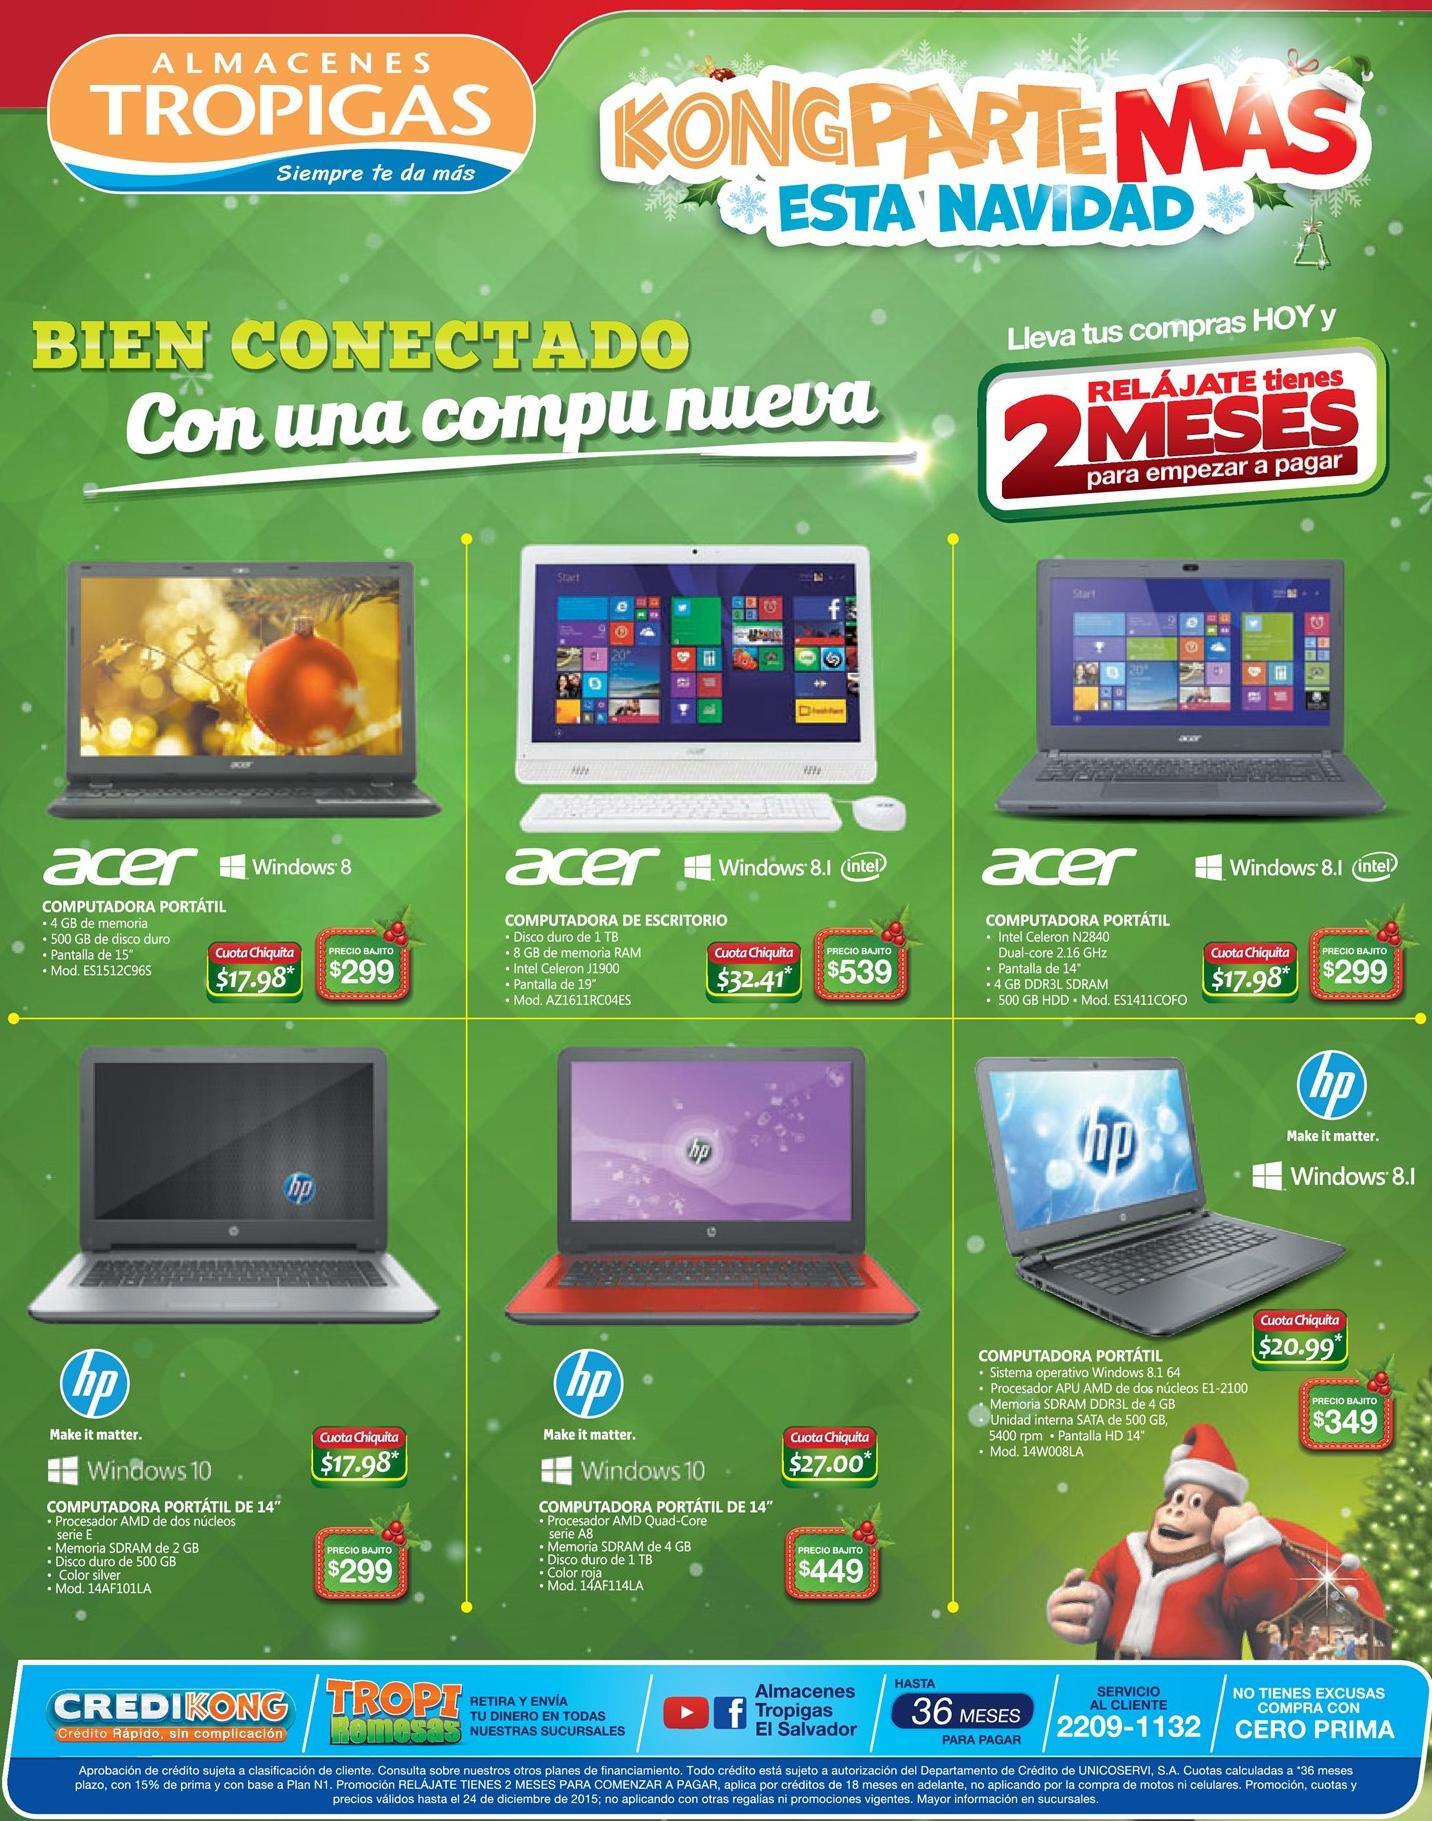 Promcoiones y ofertas en laptop en almacenes tropigas - 15dic15